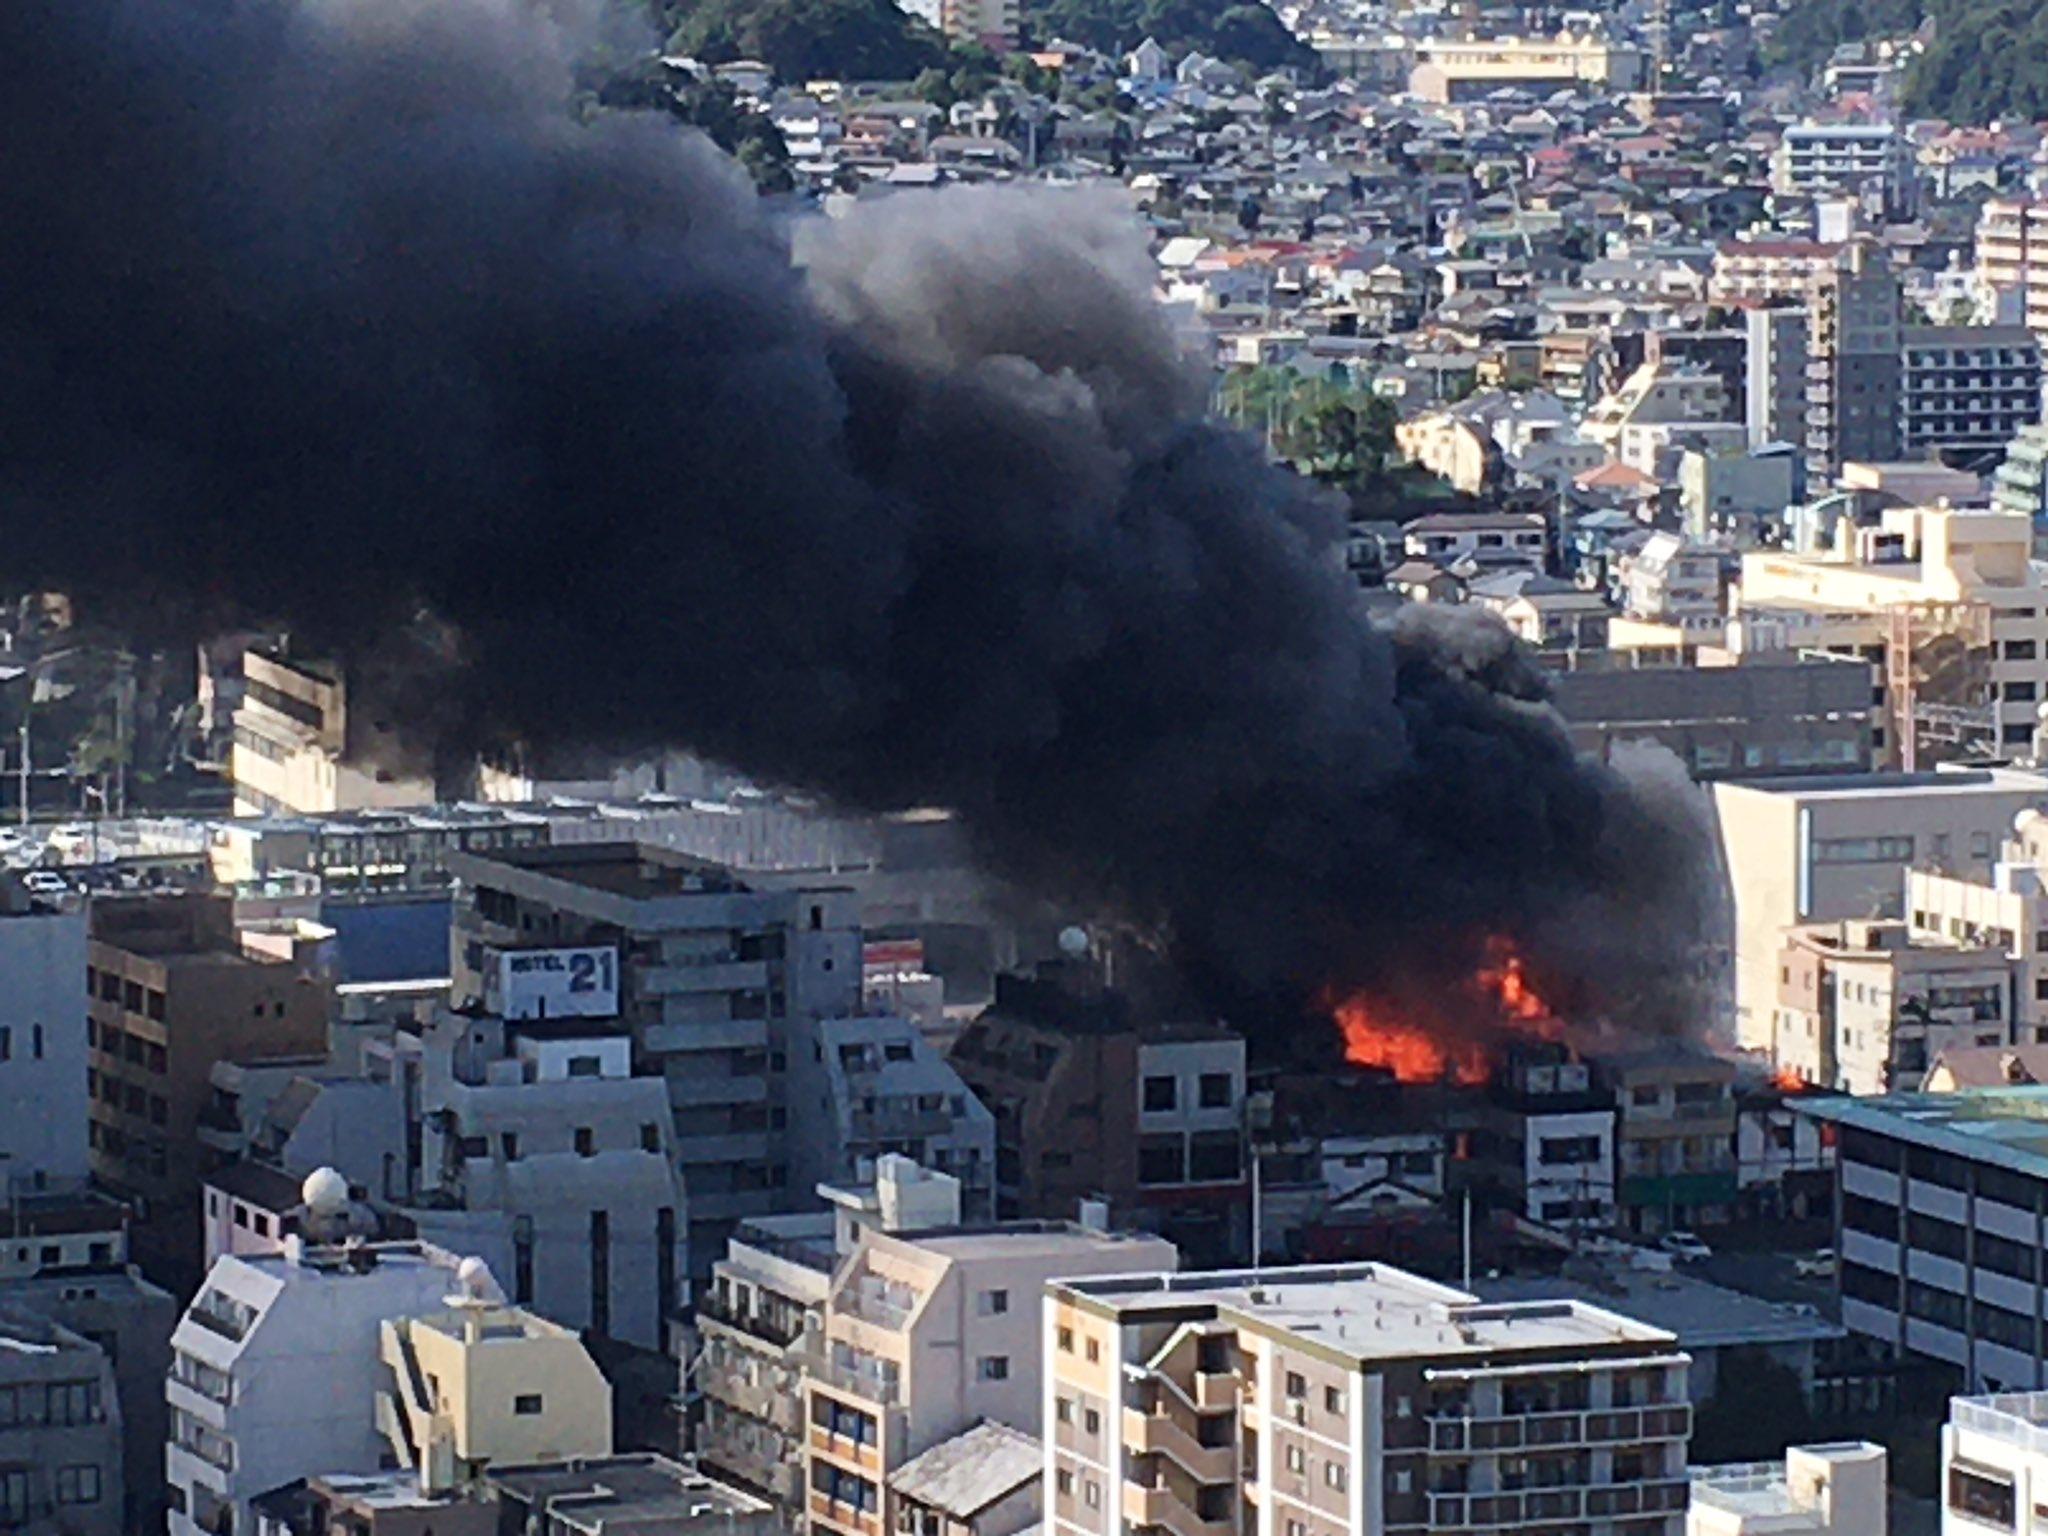 画像,炎が上がって煙ひどい早く消して〜#長崎 #火事 https://t.co/xo3ceSimxj。